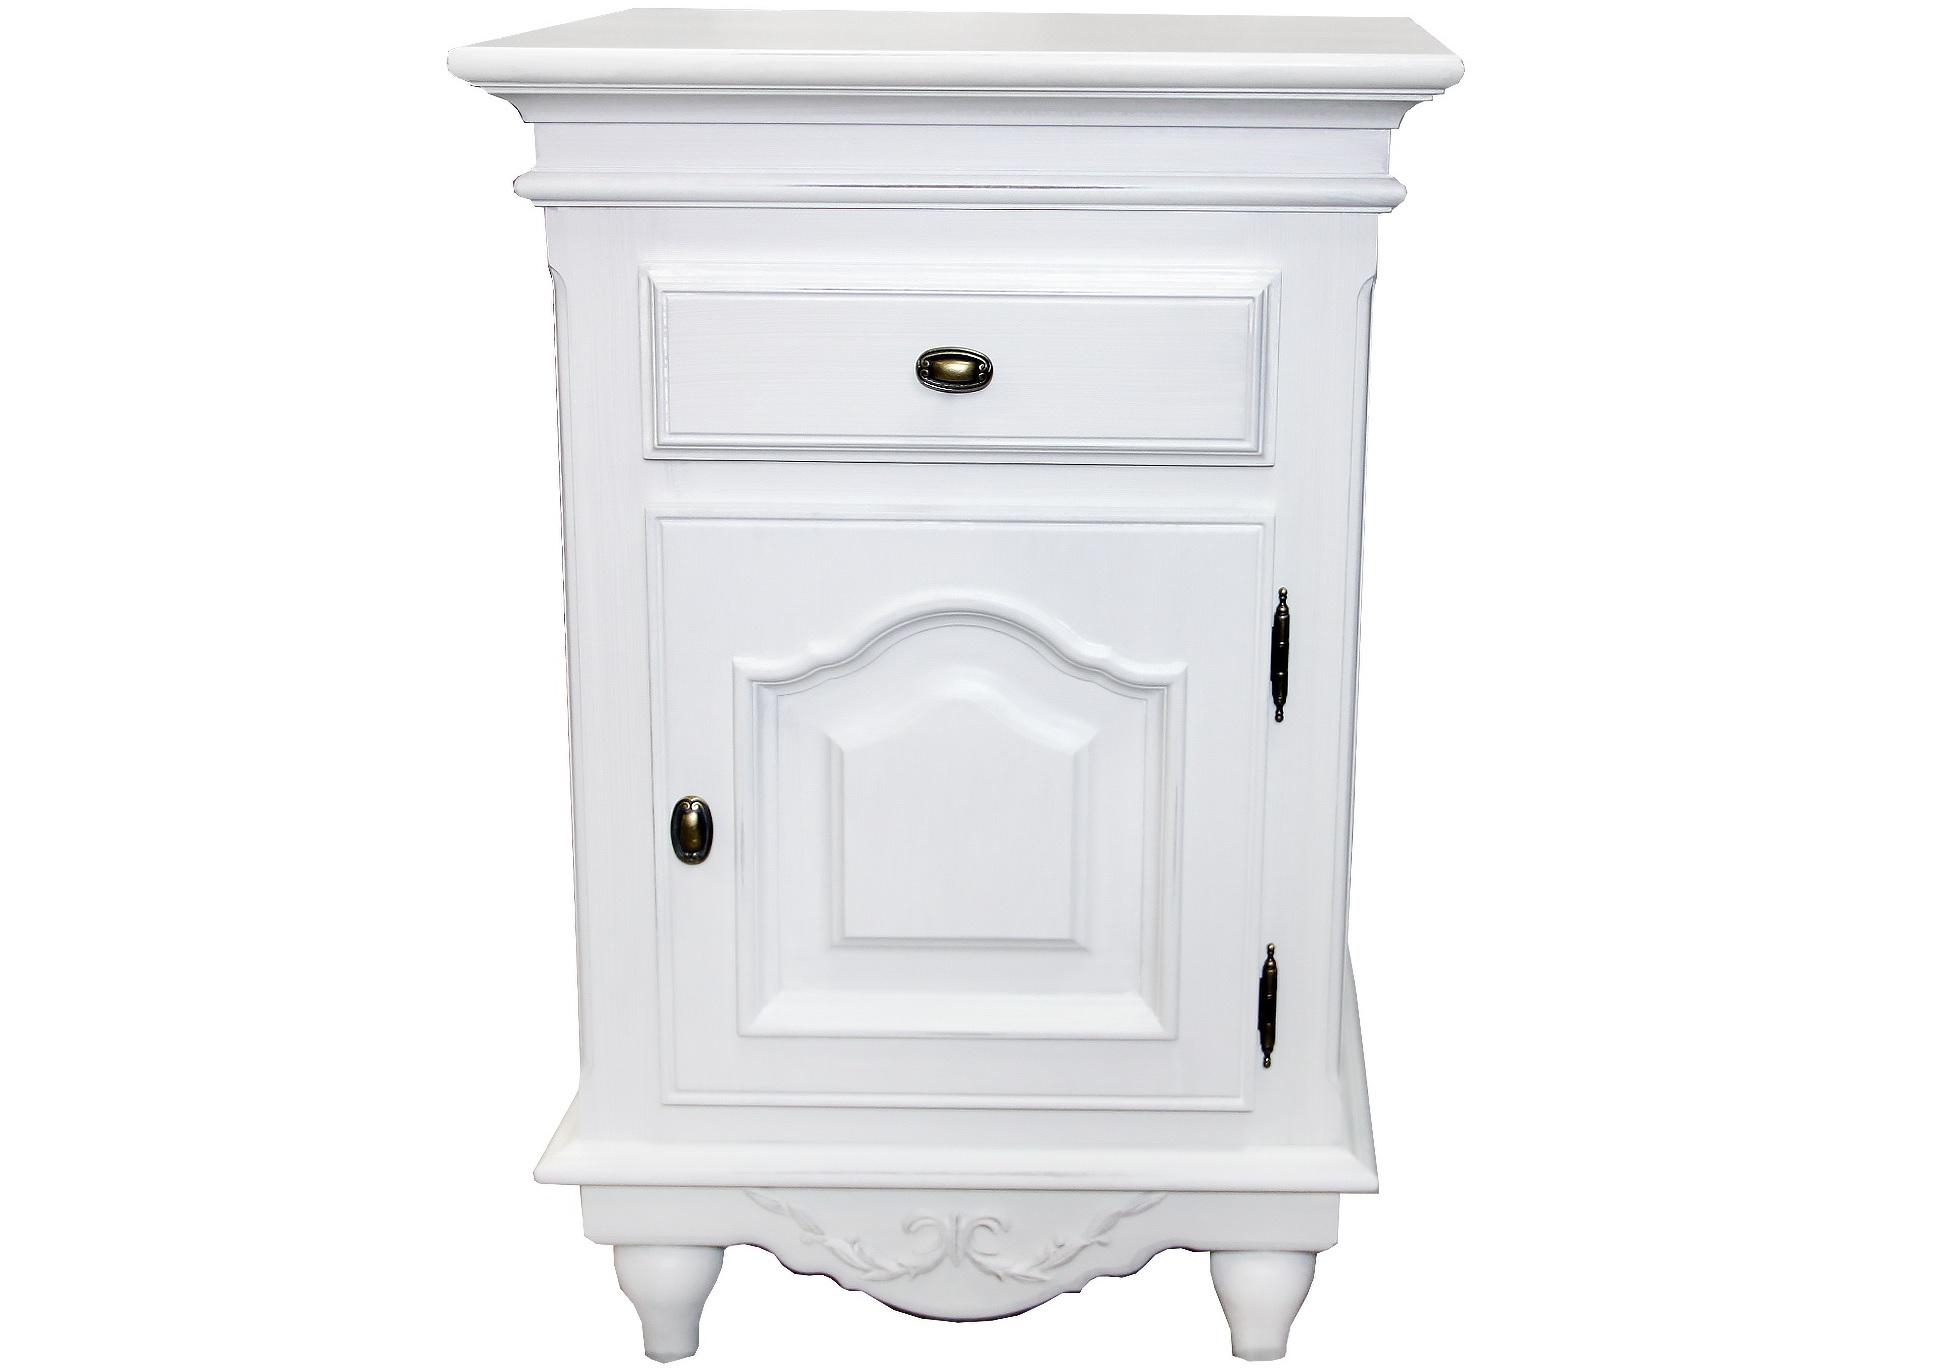 Тумбочка прикроватная Снежный ПровансПрикроватные тумбы, комоды, столики<br>Белая мебель Прованс для гостиной, спальни, столовой, кабинета отлично впишется в Ваш загородный дом. Белая высококачественная мебель &amp;quot;Снежный Прованс&amp;quot; также может послужить в качестве обстановки детской комнаты подростка. Это функциональная удобная мебель европейского качества. Коллекция изготовлена из массива бука (каркасы и точеные элементы мебели) и из высококачественного МДФ (филенчатые части) и соответствует немецким стандартам для детской мебели.<br>Мебель &amp;quot;Снежный Прованс&amp;quot; имеет плавные изогнутые формы и украшена потертым вручную декором в виде оливковой ветви.<br><br>Material: Бук<br>Length см: None<br>Width см: 47<br>Depth см: 37<br>Height см: 71.2<br>Diameter см: None